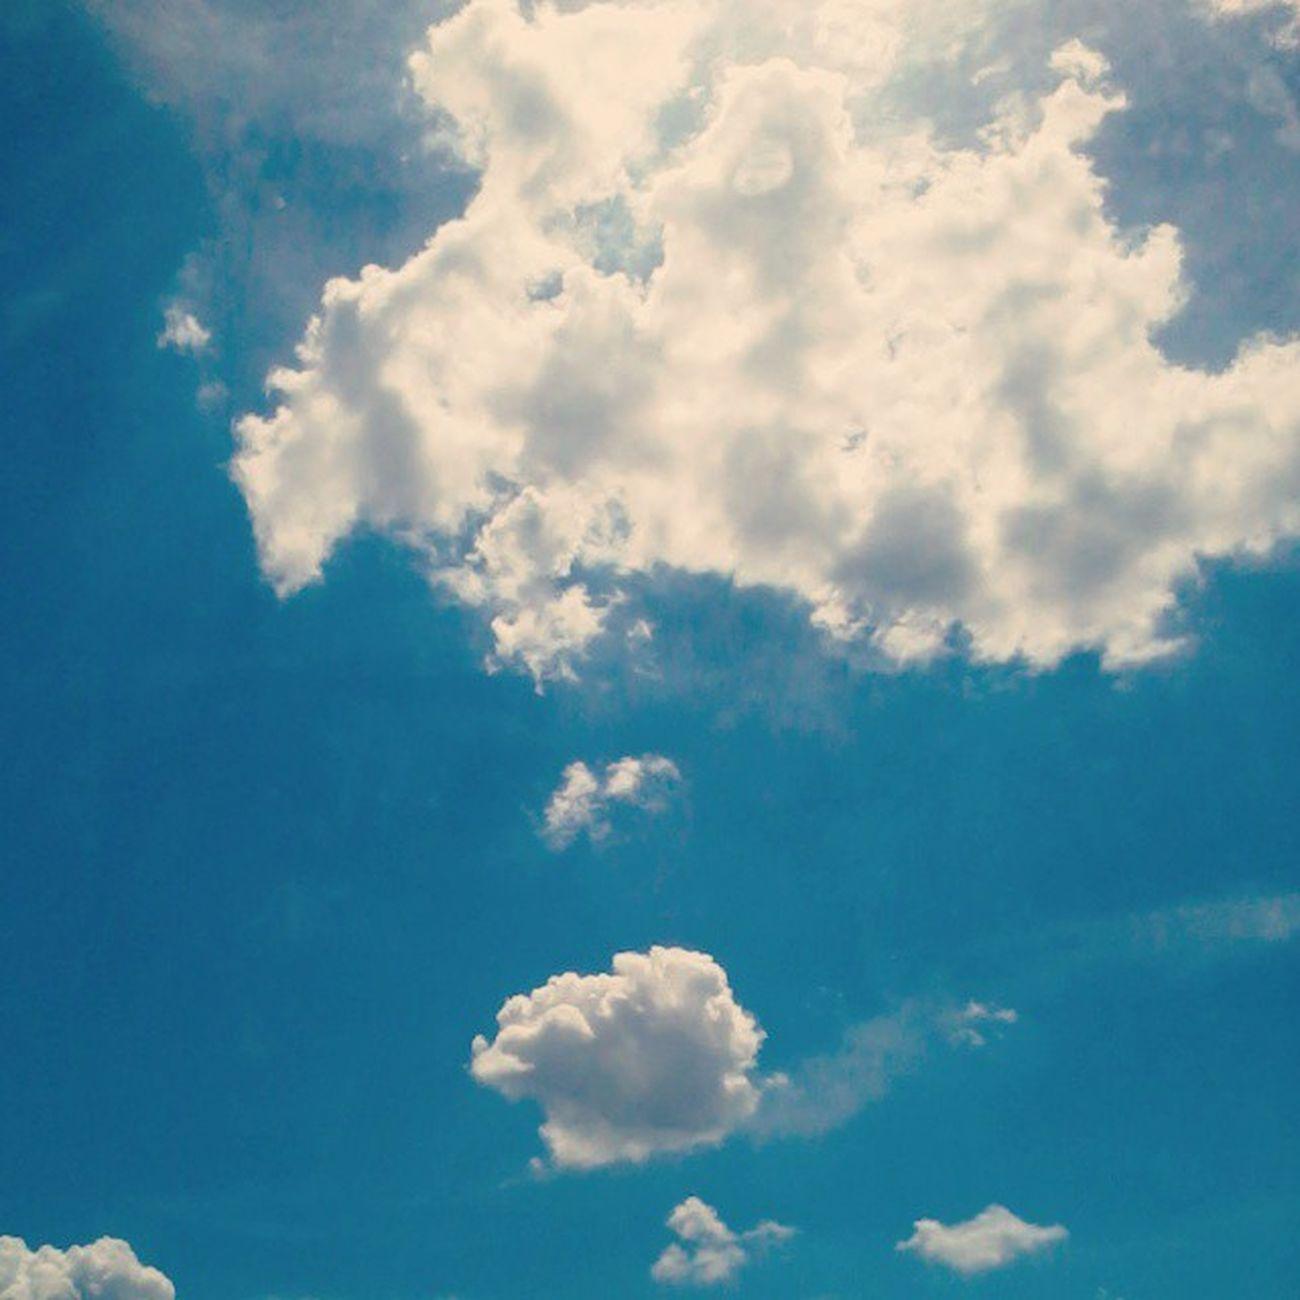 ฟ้าแม่งสวย มันทำให้อะไรๆ รู้สึกดีไปหมดอยากไปเที่ยวววถ่ายรูปเหมือนแต่ก่อนไม่ต้องคิดไรมาแค่เดินไปอย่างที่ใจต้องการ ลืมอะไรๆที่ไม่ต้องคิดให้ปวดประสาท ^_____^